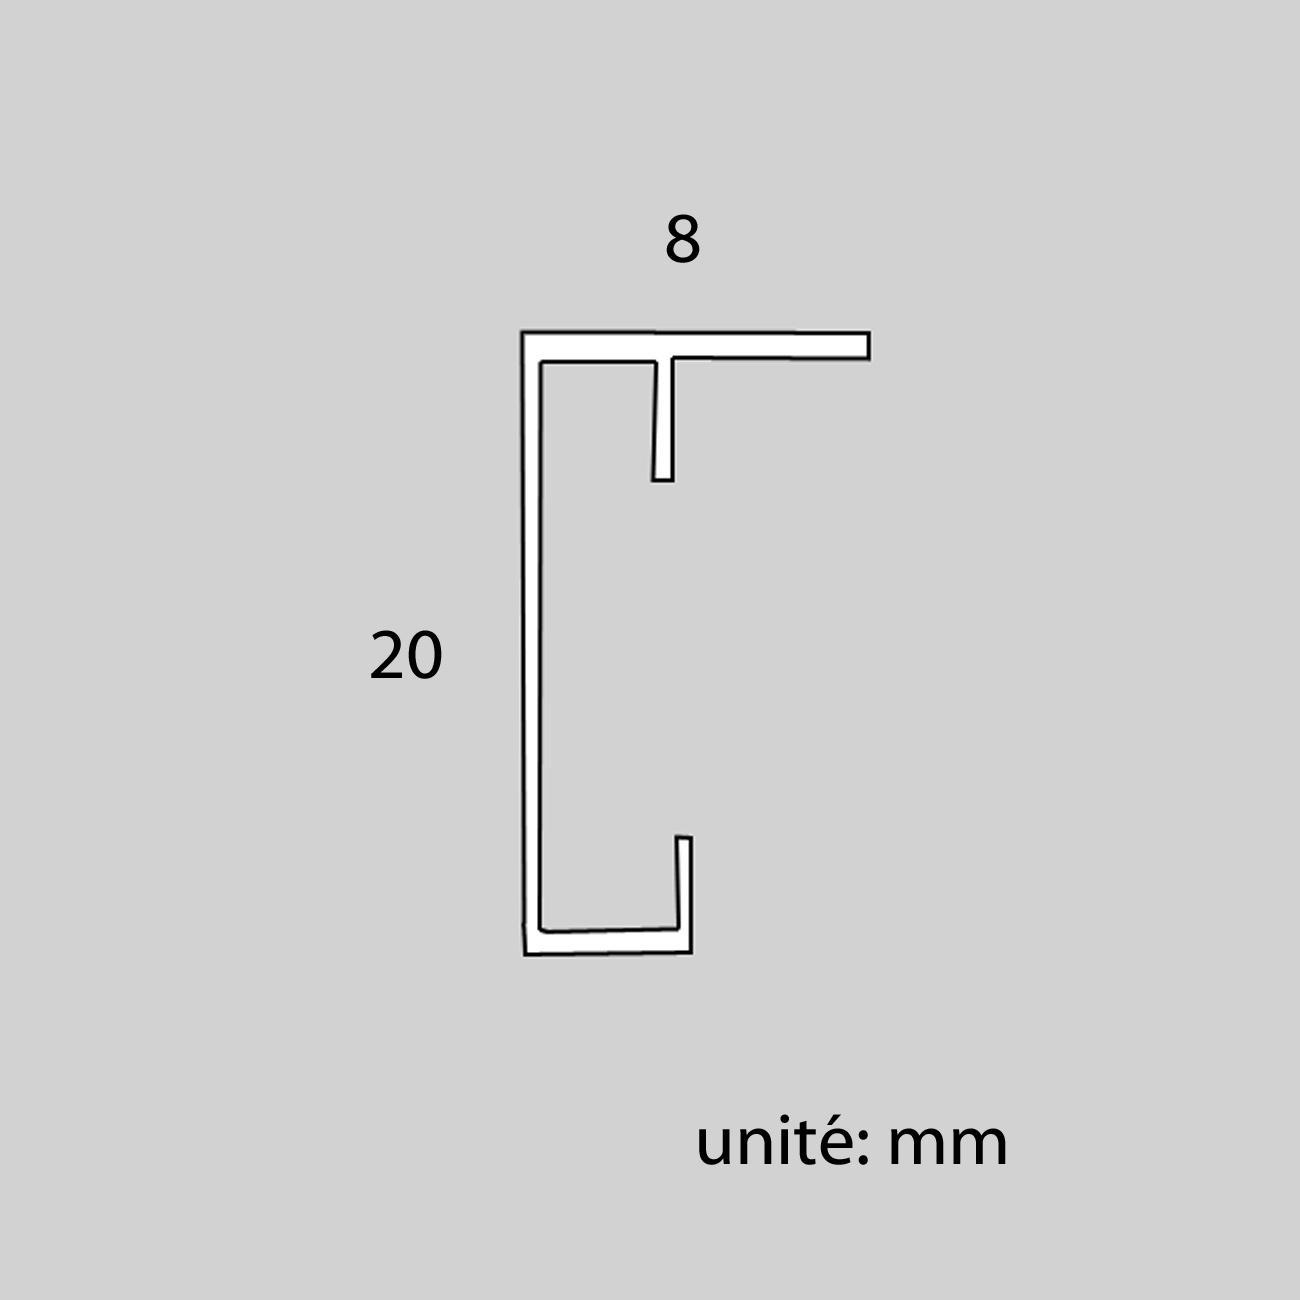 Cadre cadre complet de dimensions 18x24 cm, à suspendre. plexi une face normale, une face anti reflet. attache horizontale et verticale. montage et démontage rapide par ressort. fond en isorel. - 18x24